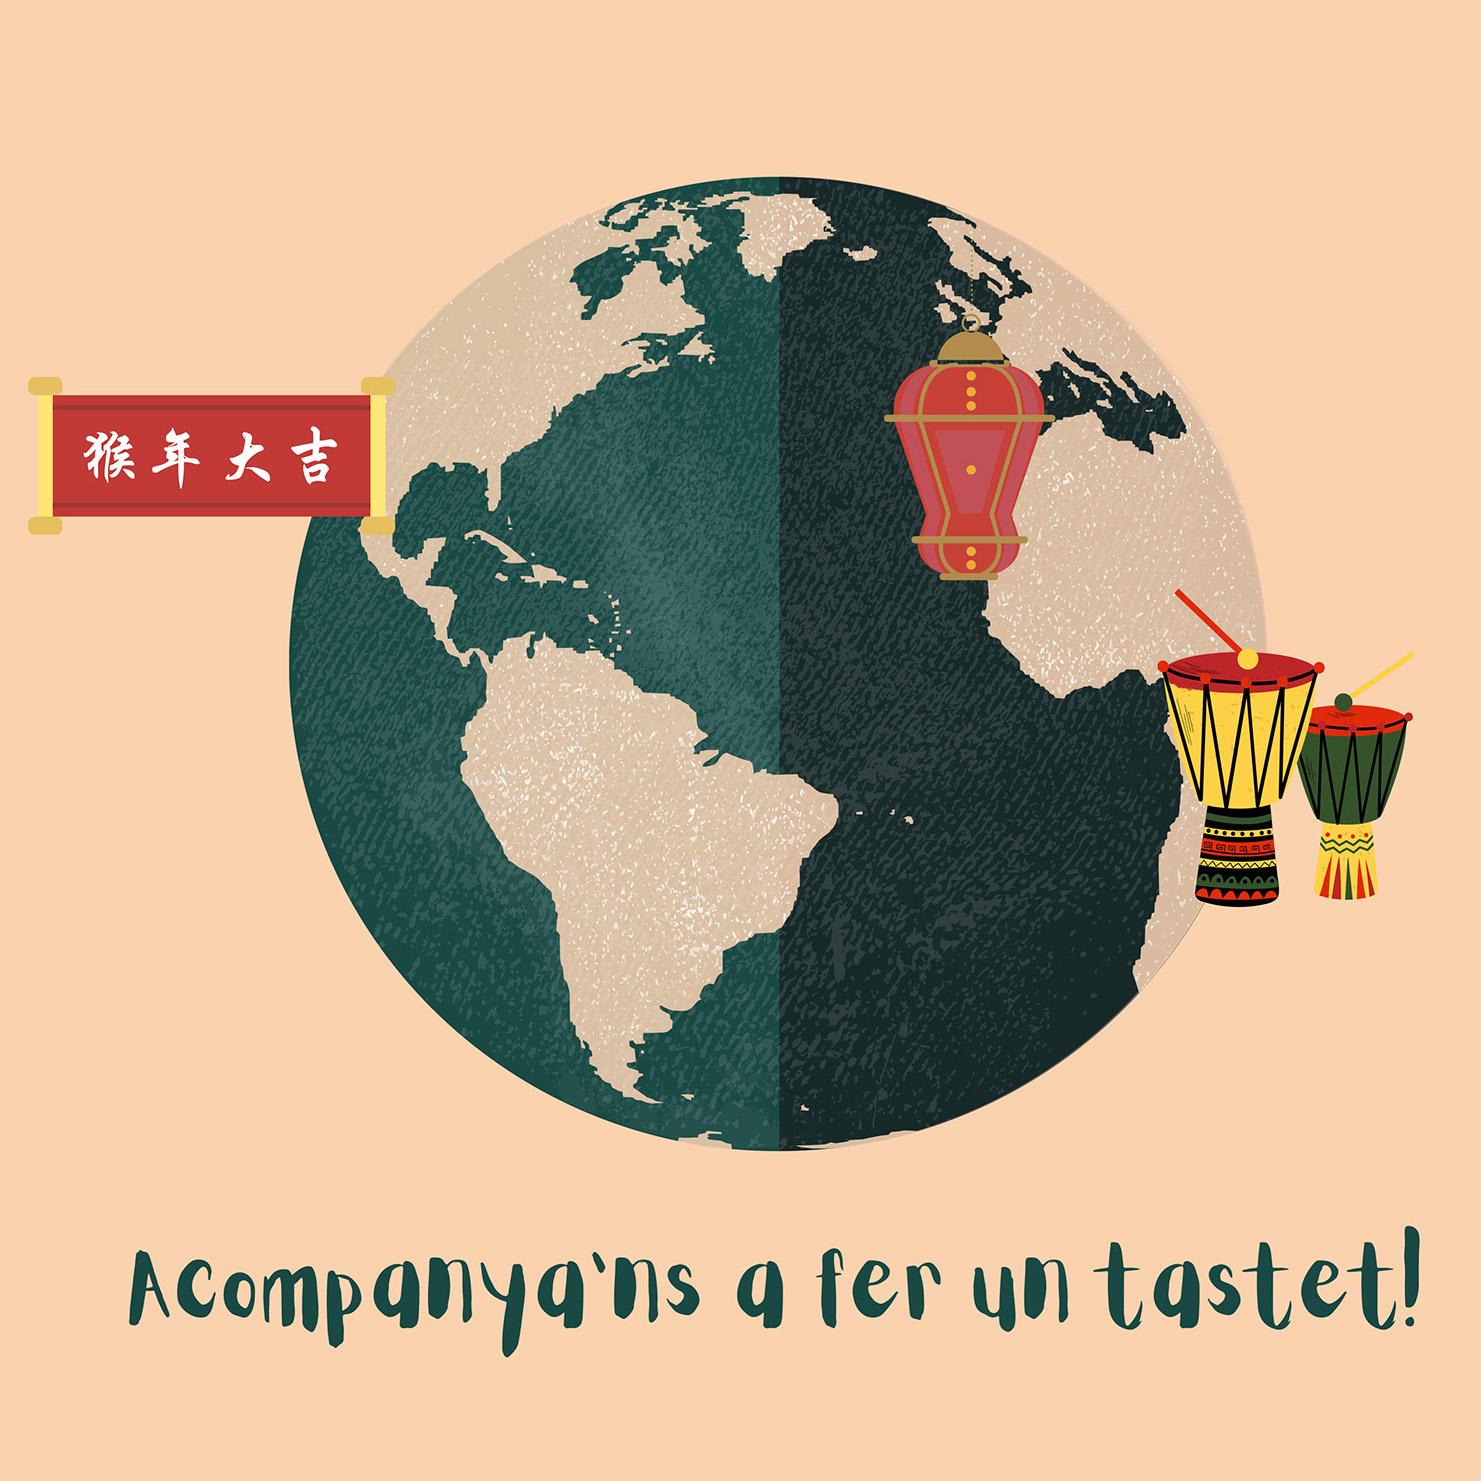 Les llengües de casa nostra